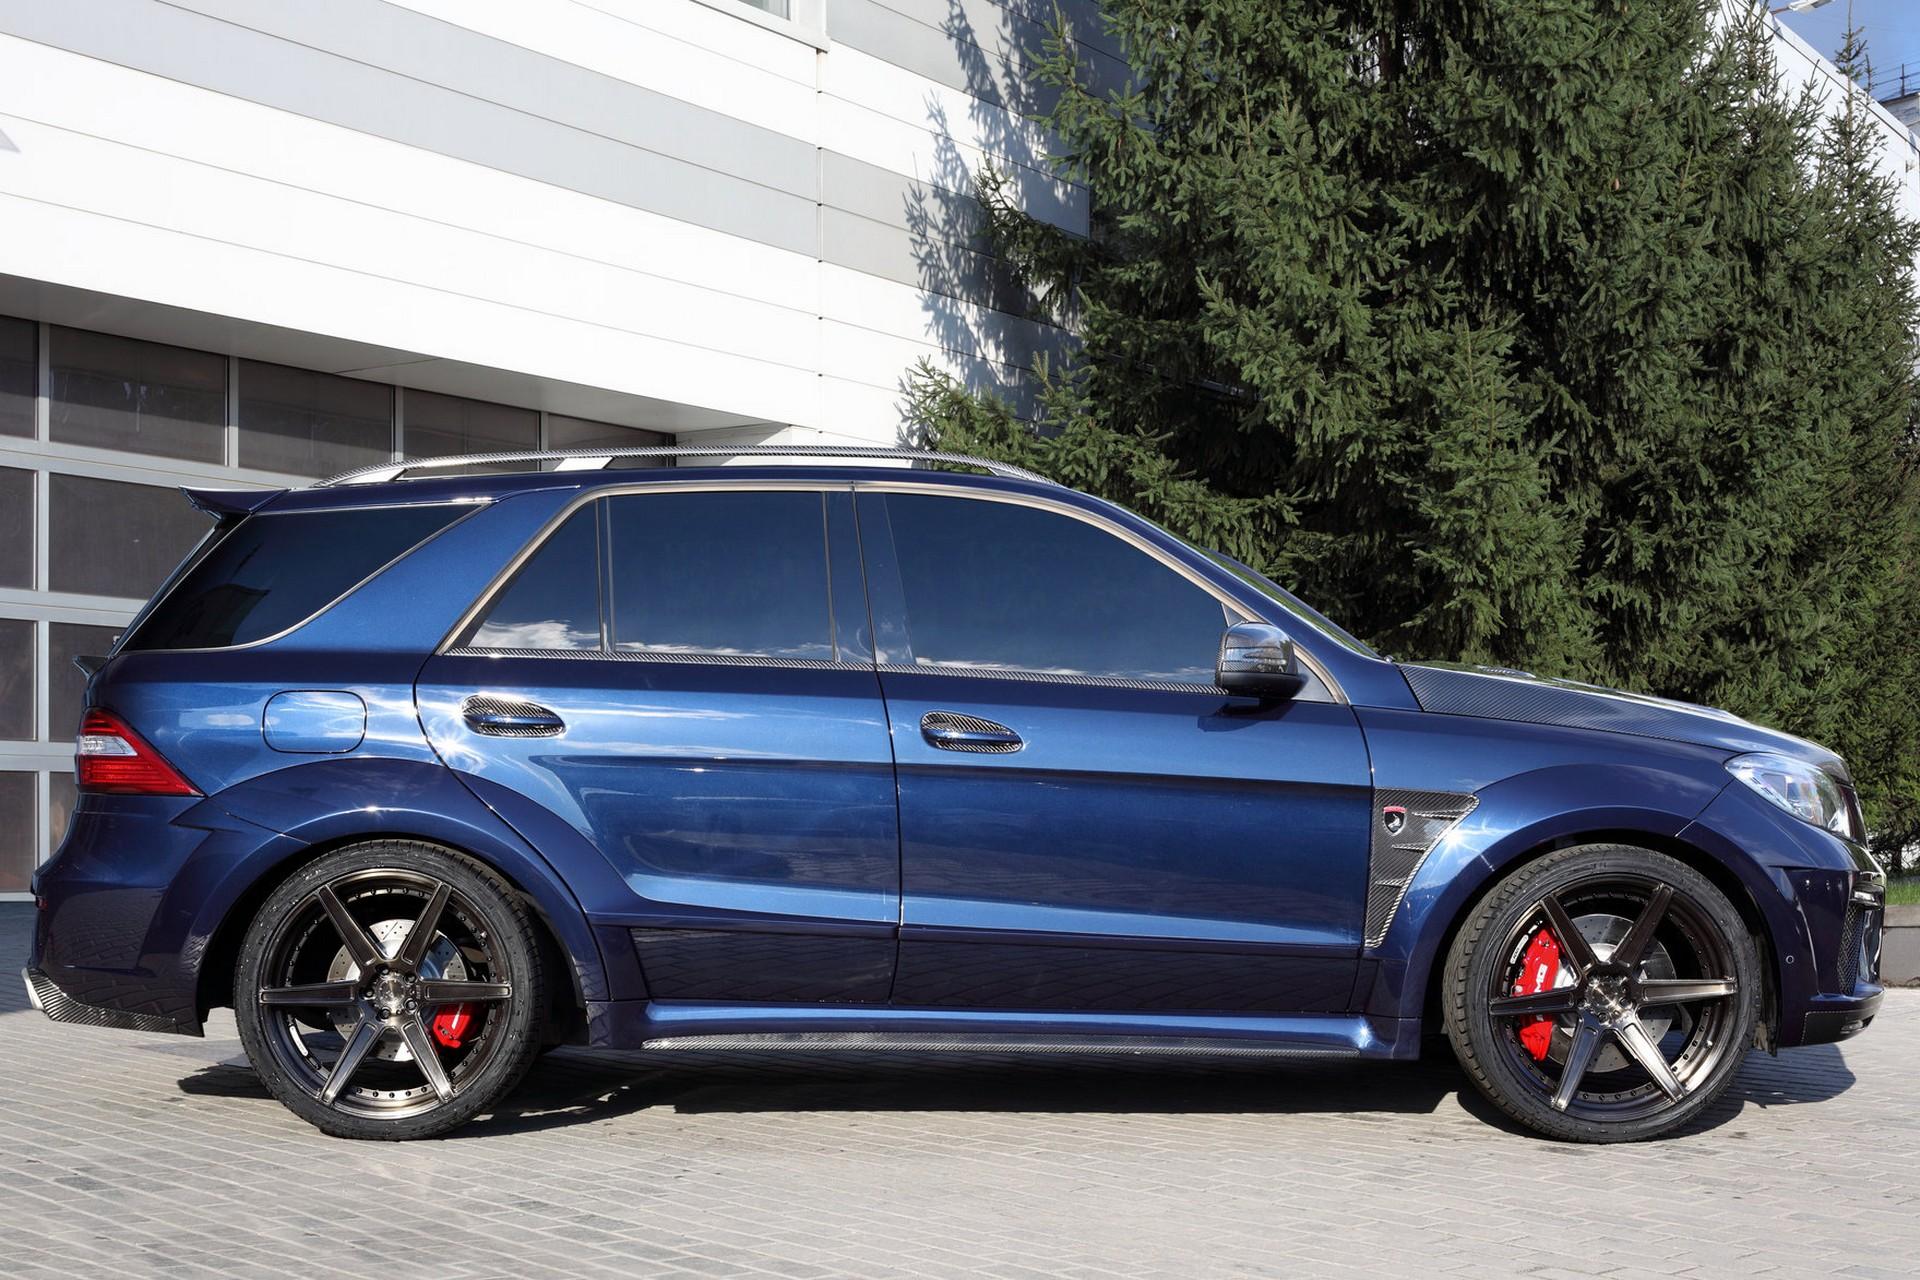 Mercedes Benz Ml63 Inferno Dark Blue Topcar